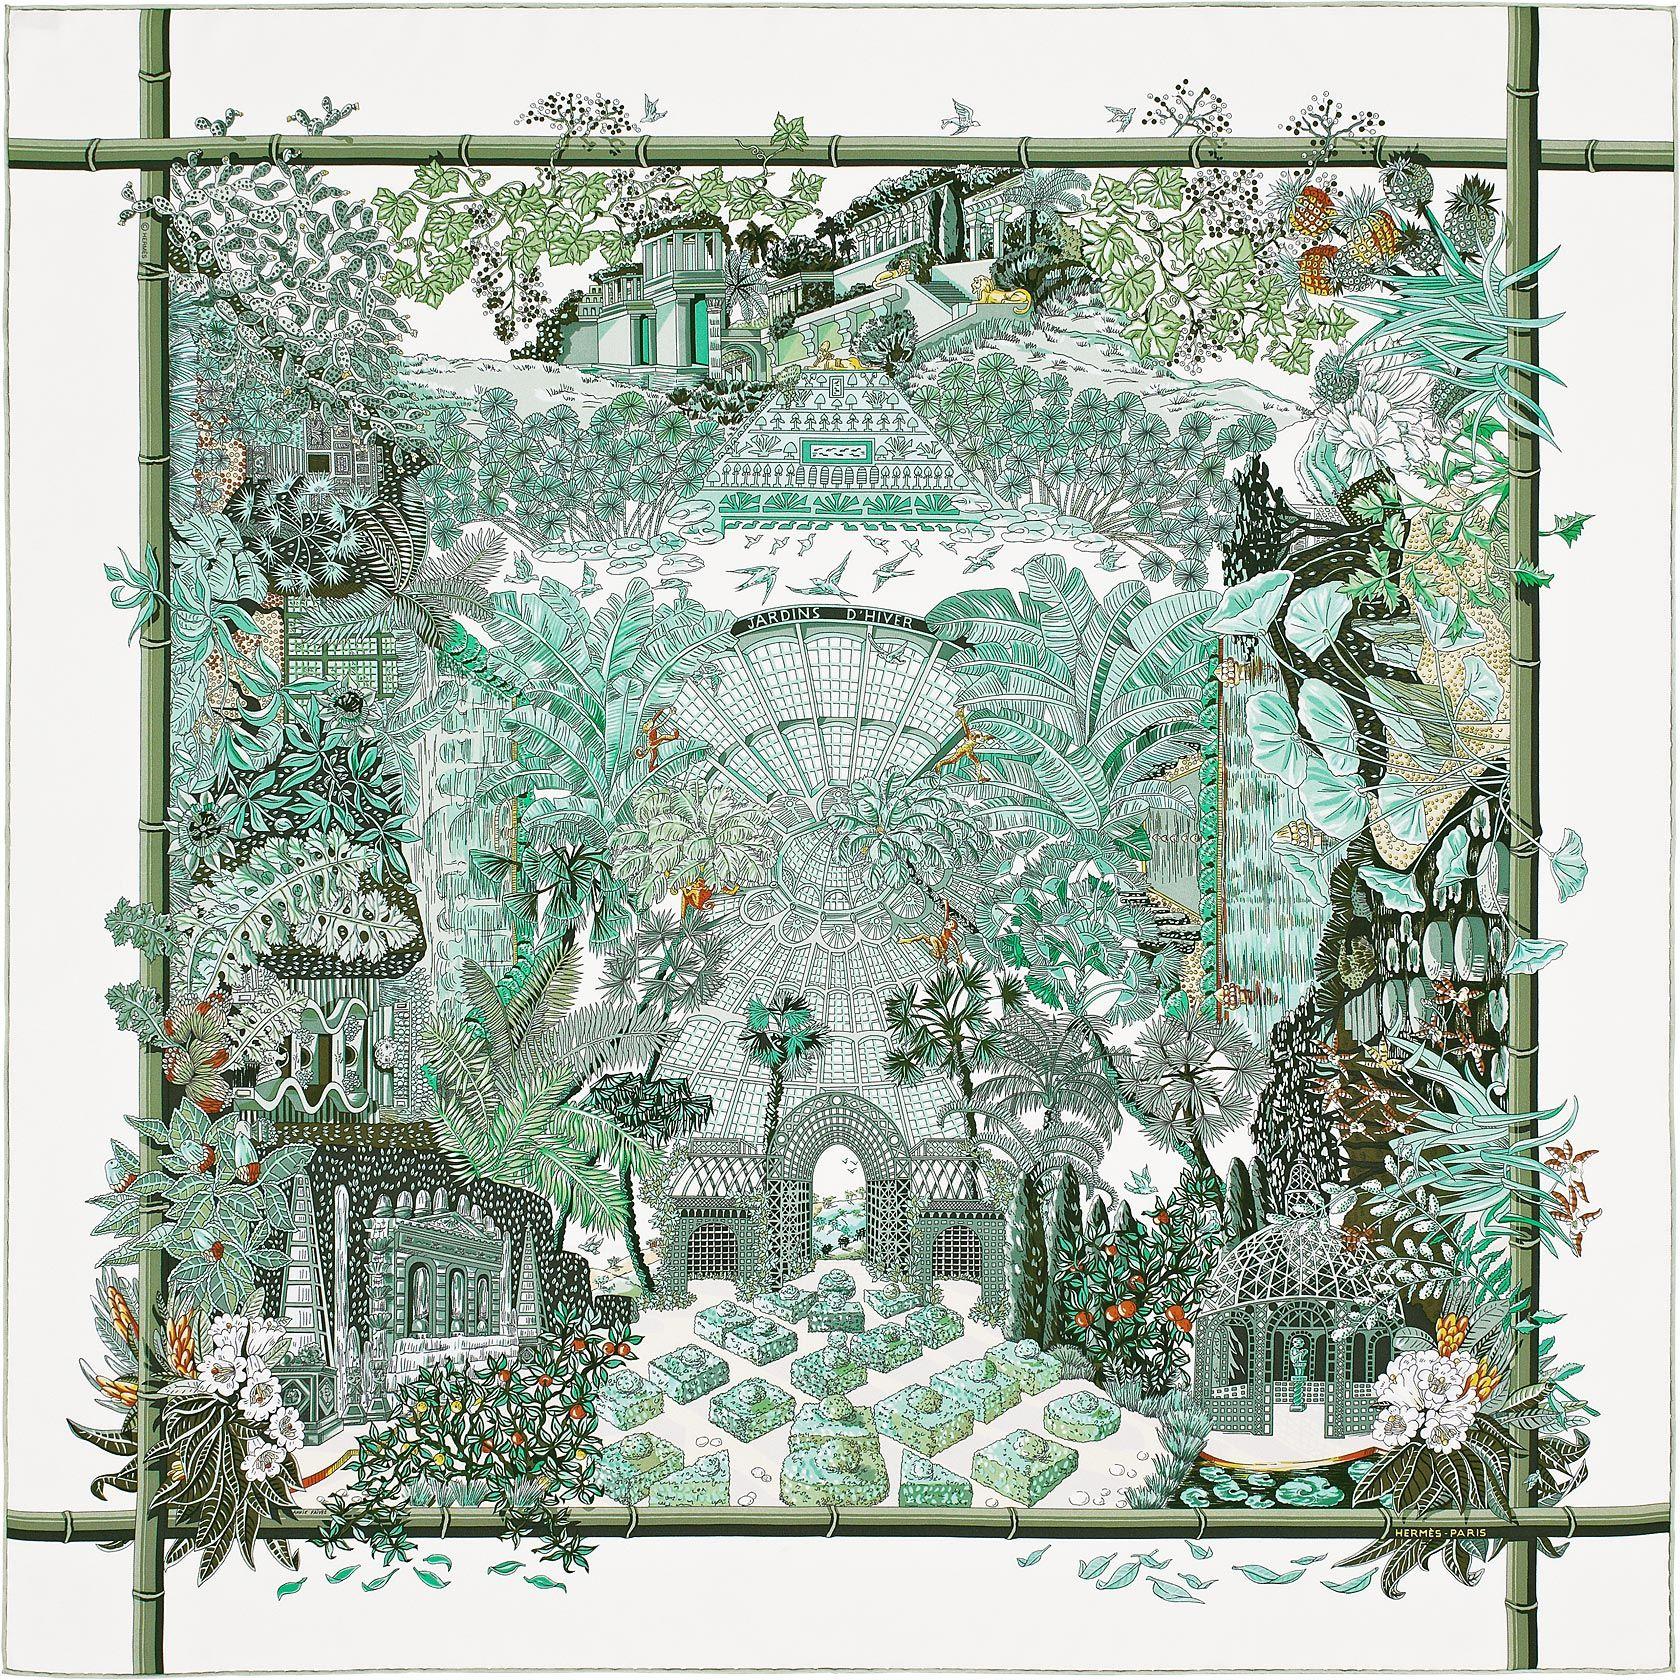 Carré 90 X 90 Cm Hermès | Jardins D'hiver By Annie Faivre Aw ... pour Salin De Jardin